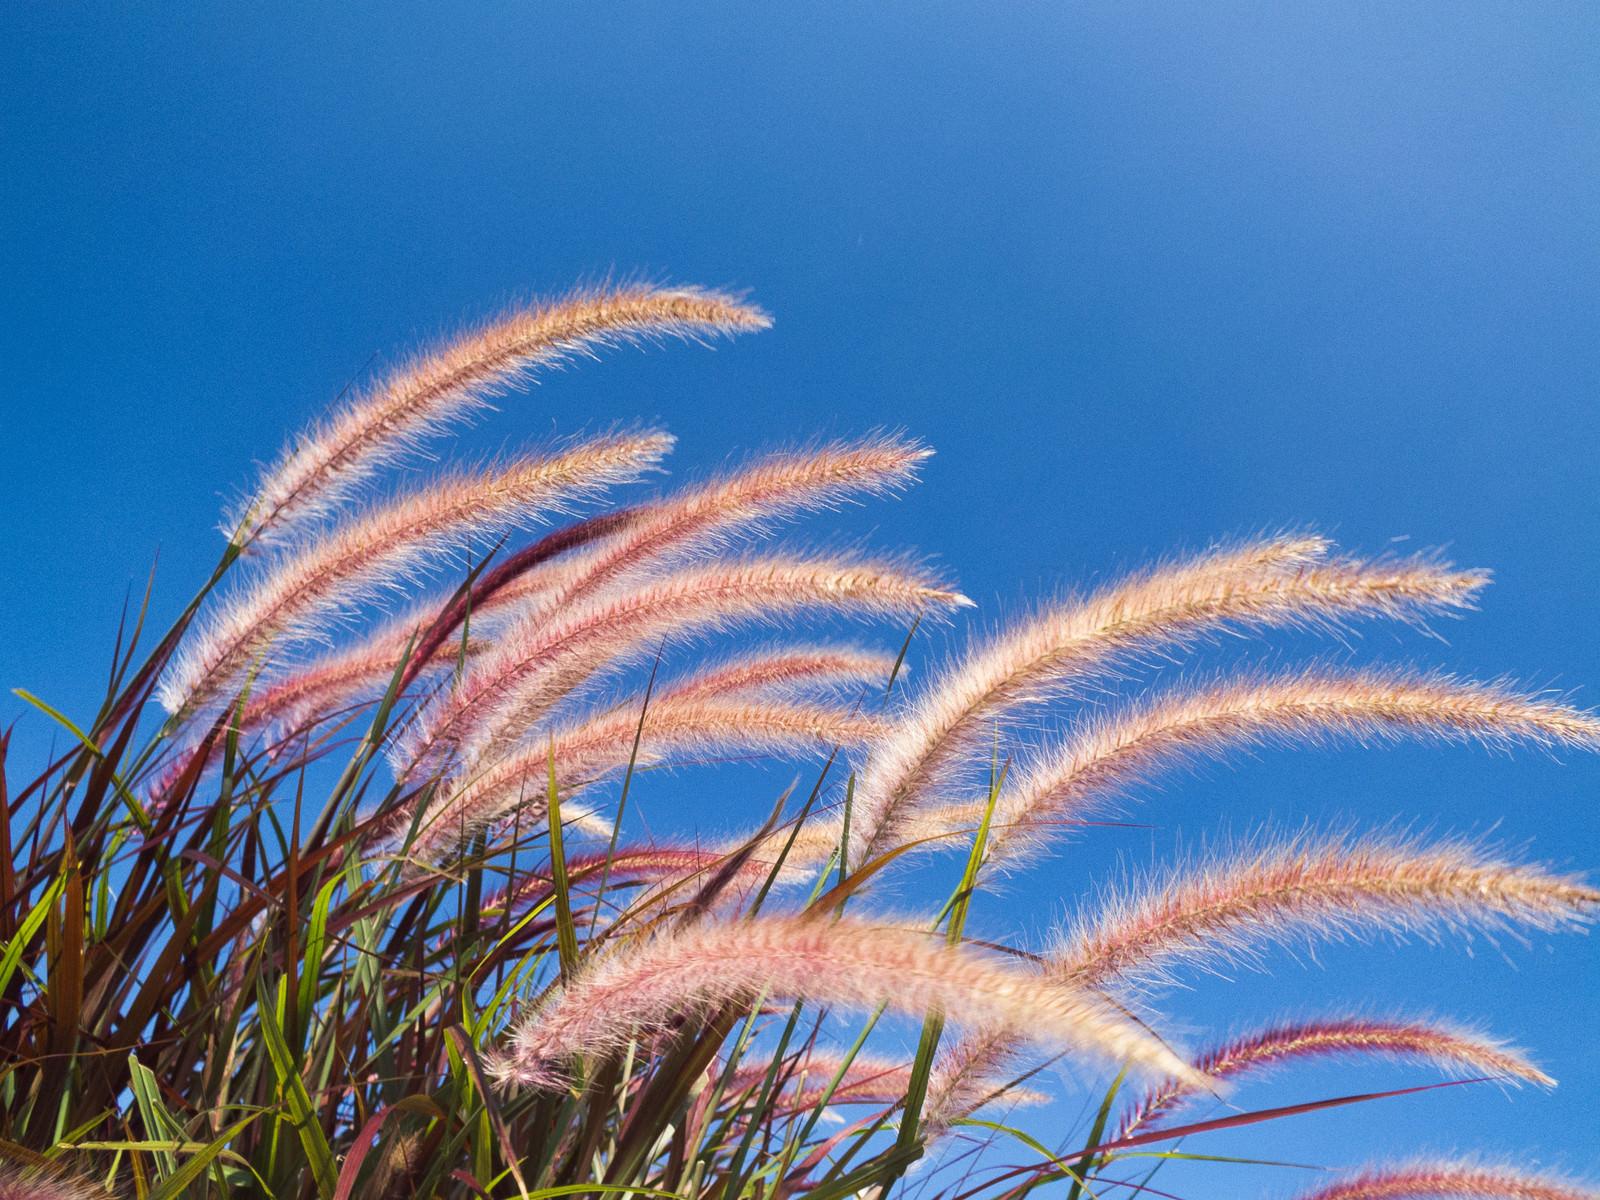 「青空とペニセタム」の写真